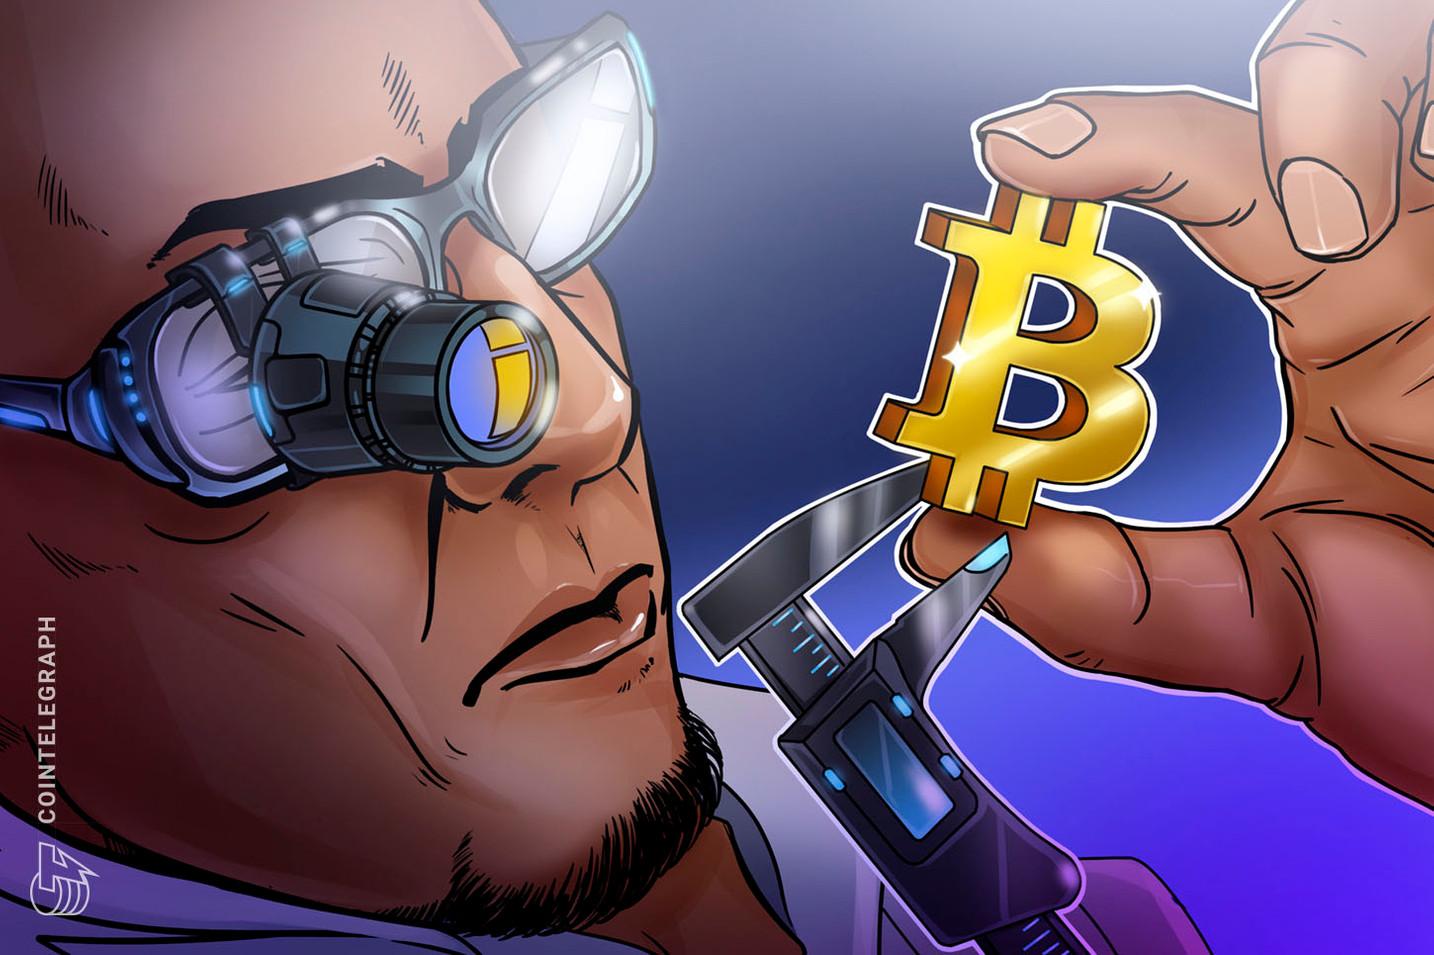 Un estudio descubrió que CME influye directamente en el precio de Bitcoin, pero excluye los volúmenes de stablecoins